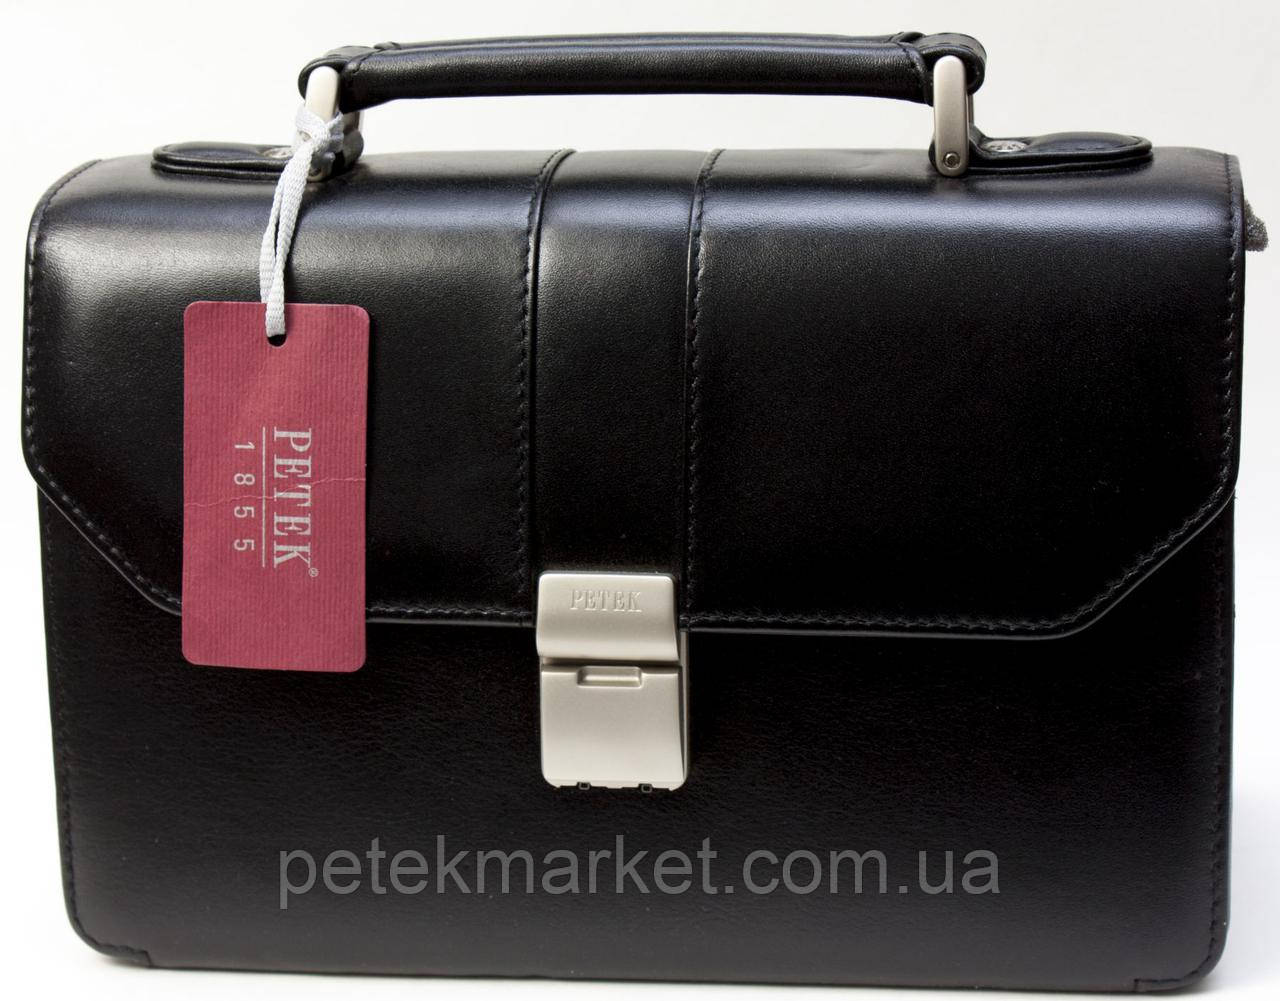 Барсетка PETEK 750 Черный (750-000-01)